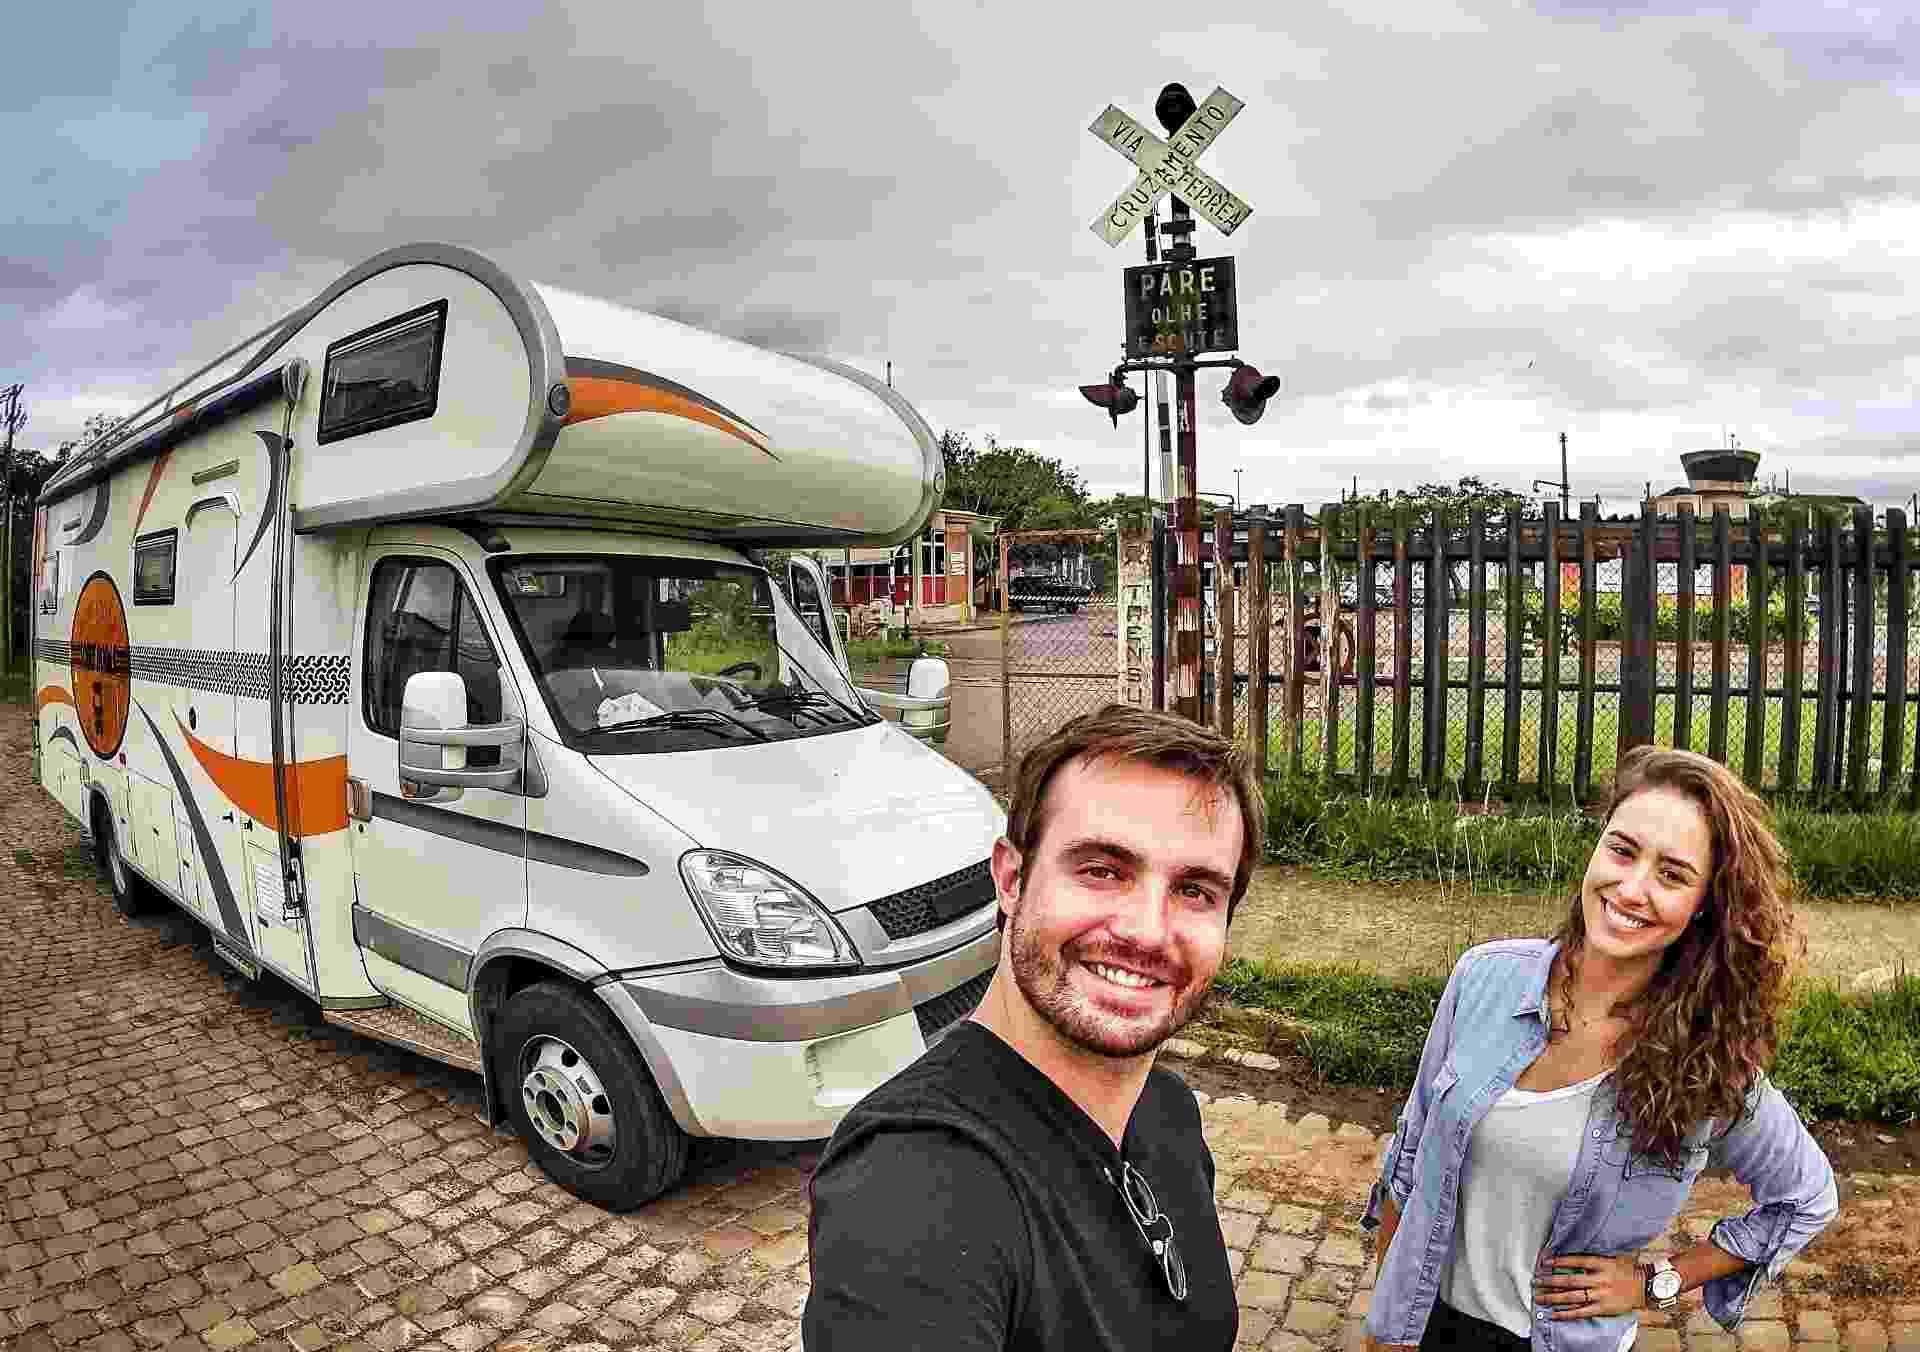 Os atores Max Fercondini e Amanda Richter viajaram pela América do Sul em um motorhome - Divulgação/TV Globo